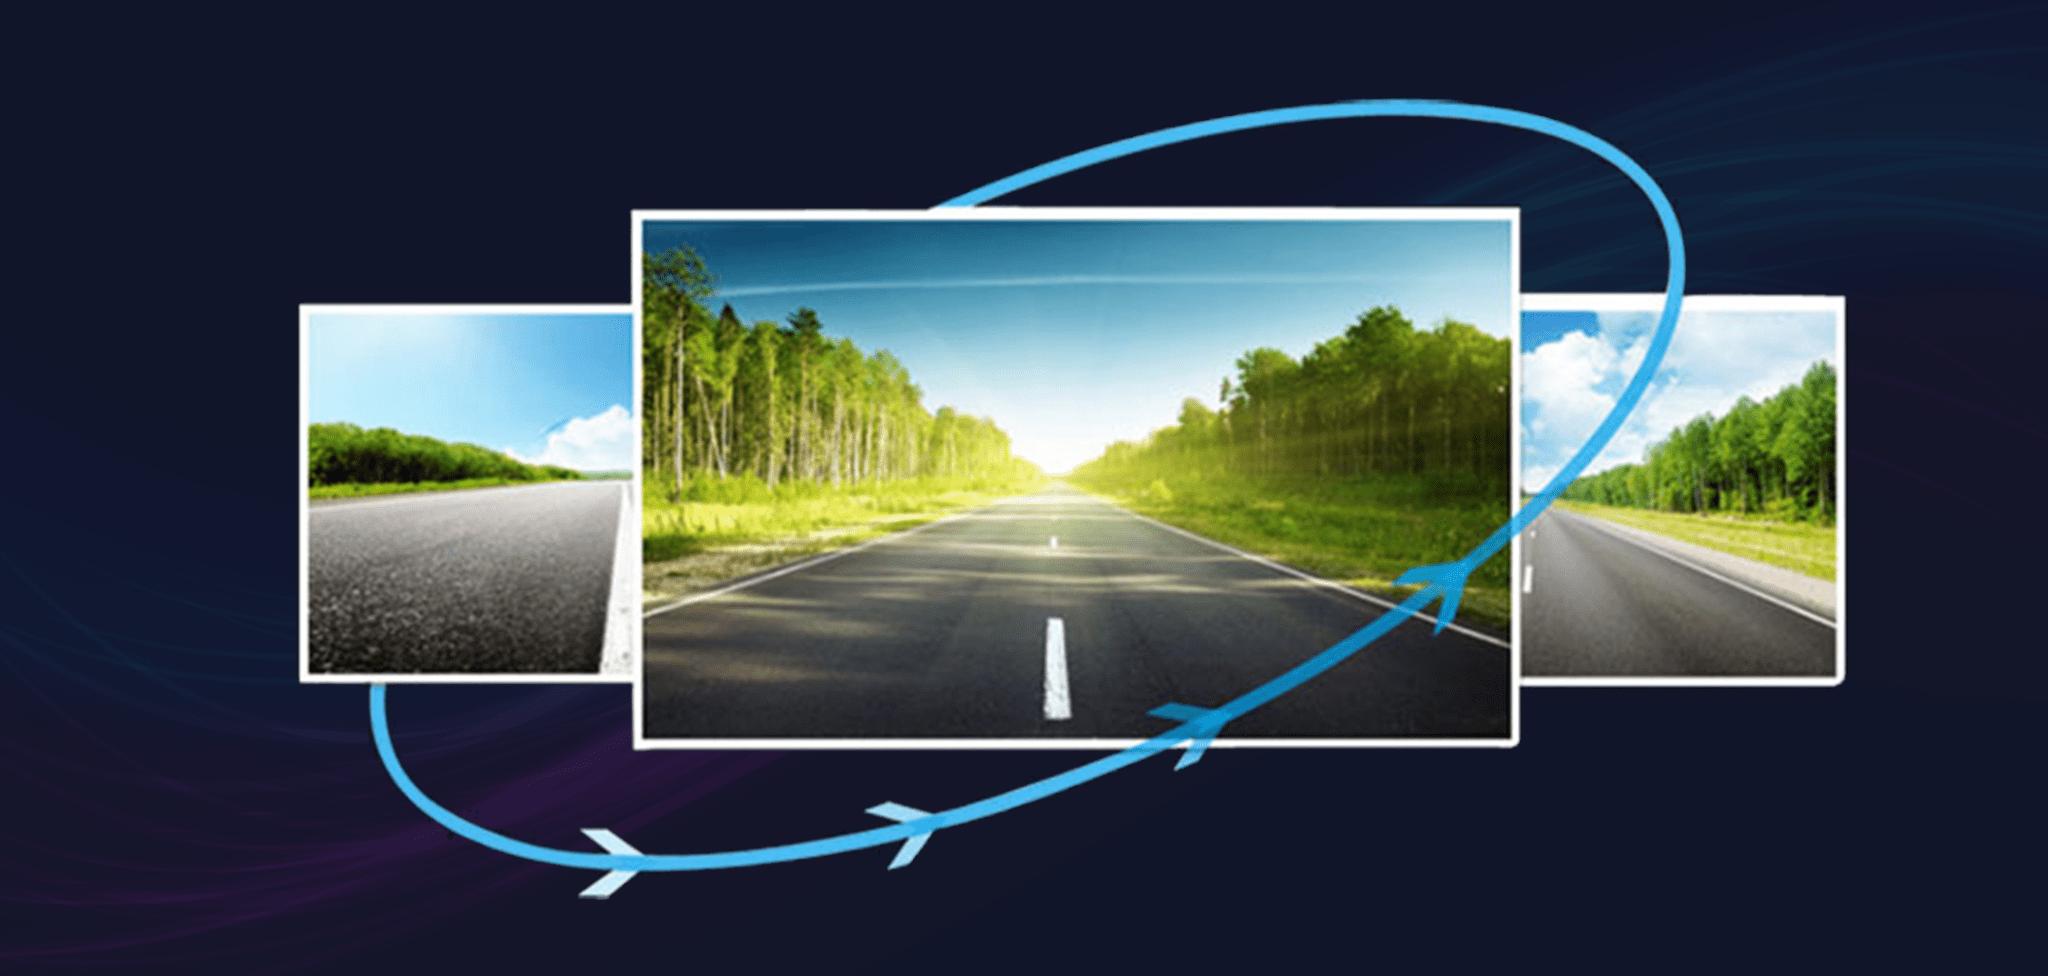 dòng camera hành trình ô tô chụp hình với độ phân giải cực cao cho chất lượng hình ảnh chân thực và vô cùng sắc nét